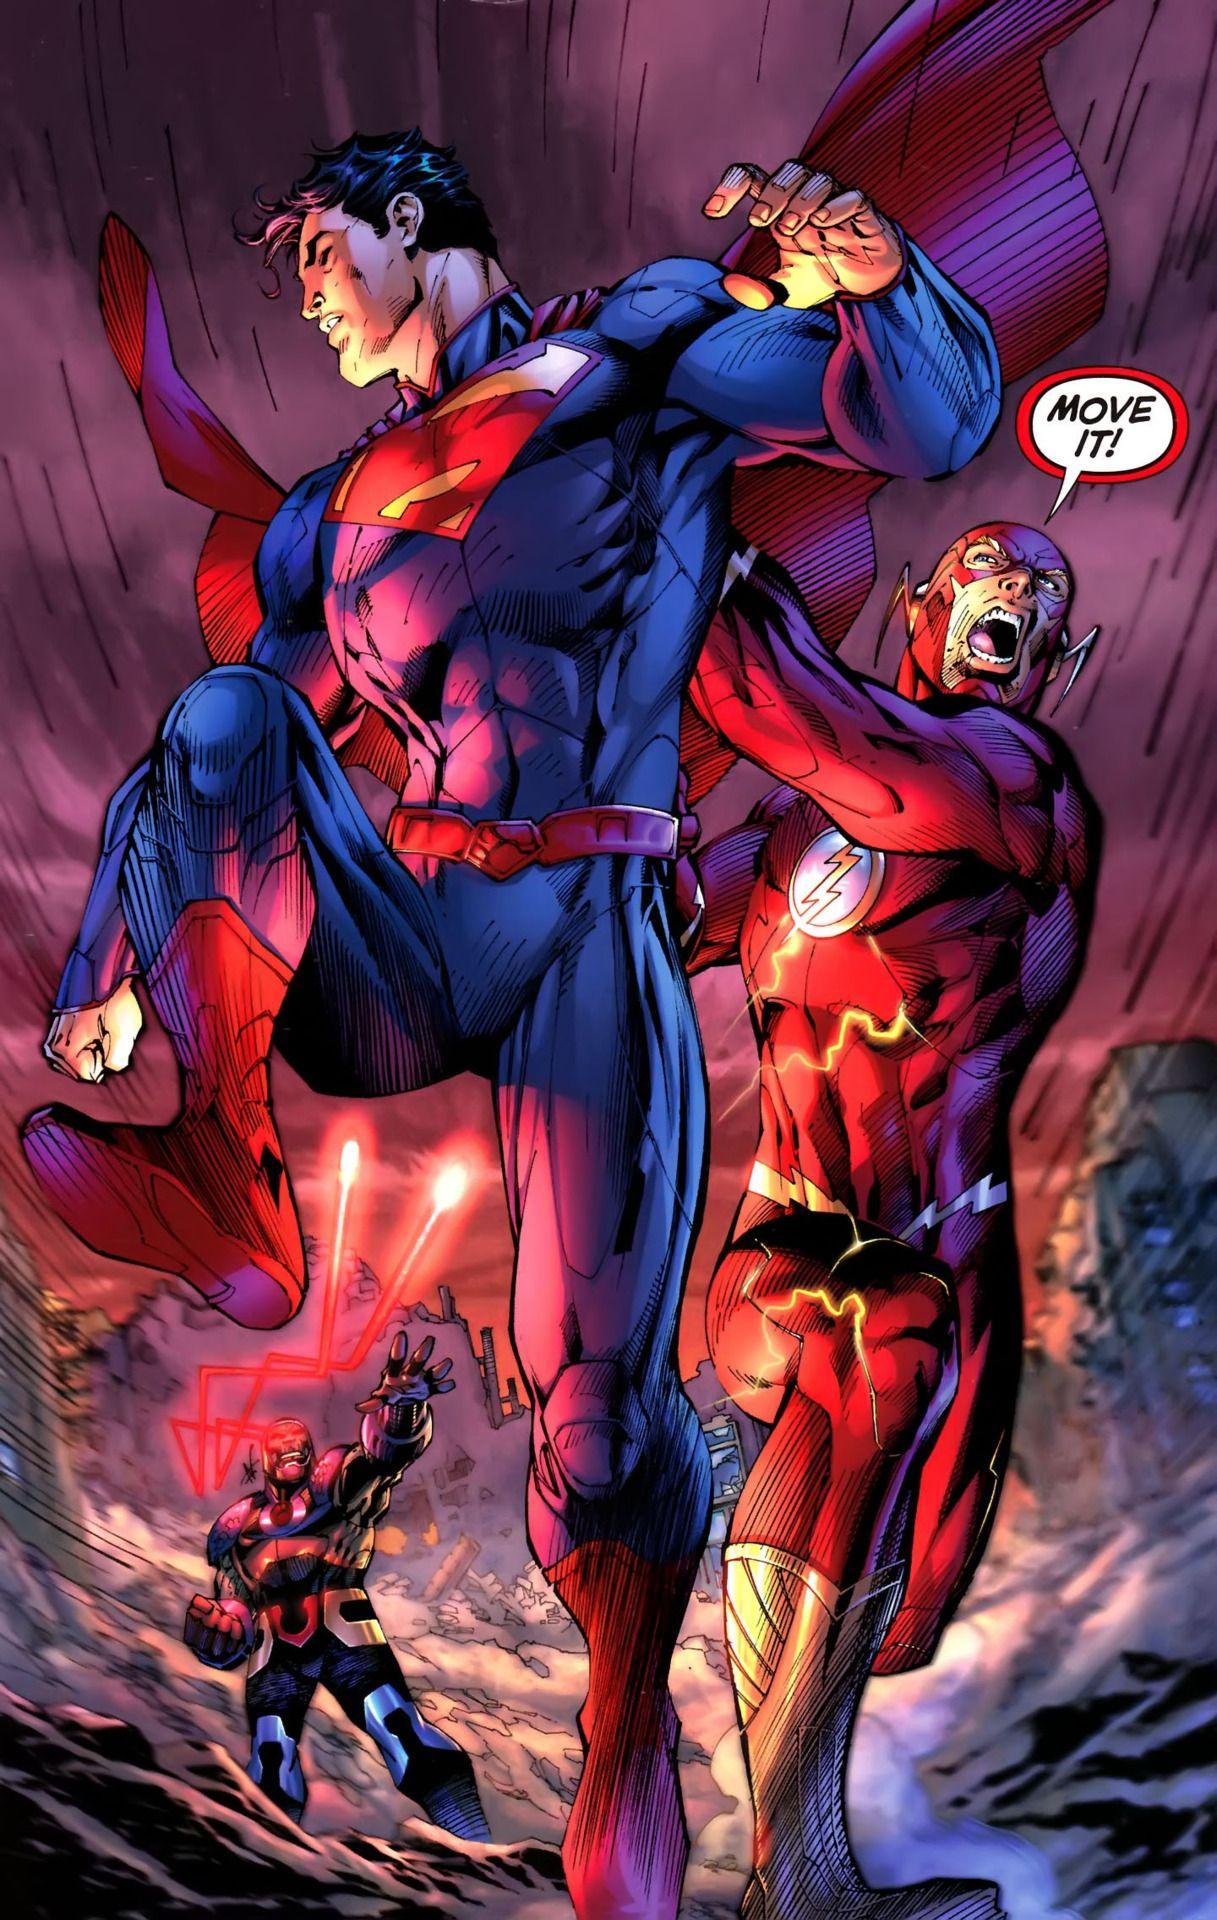 Move it une bonne sc ne dans le premier no de justice league de 2011 que je viens de lire - Flash le super heros ...